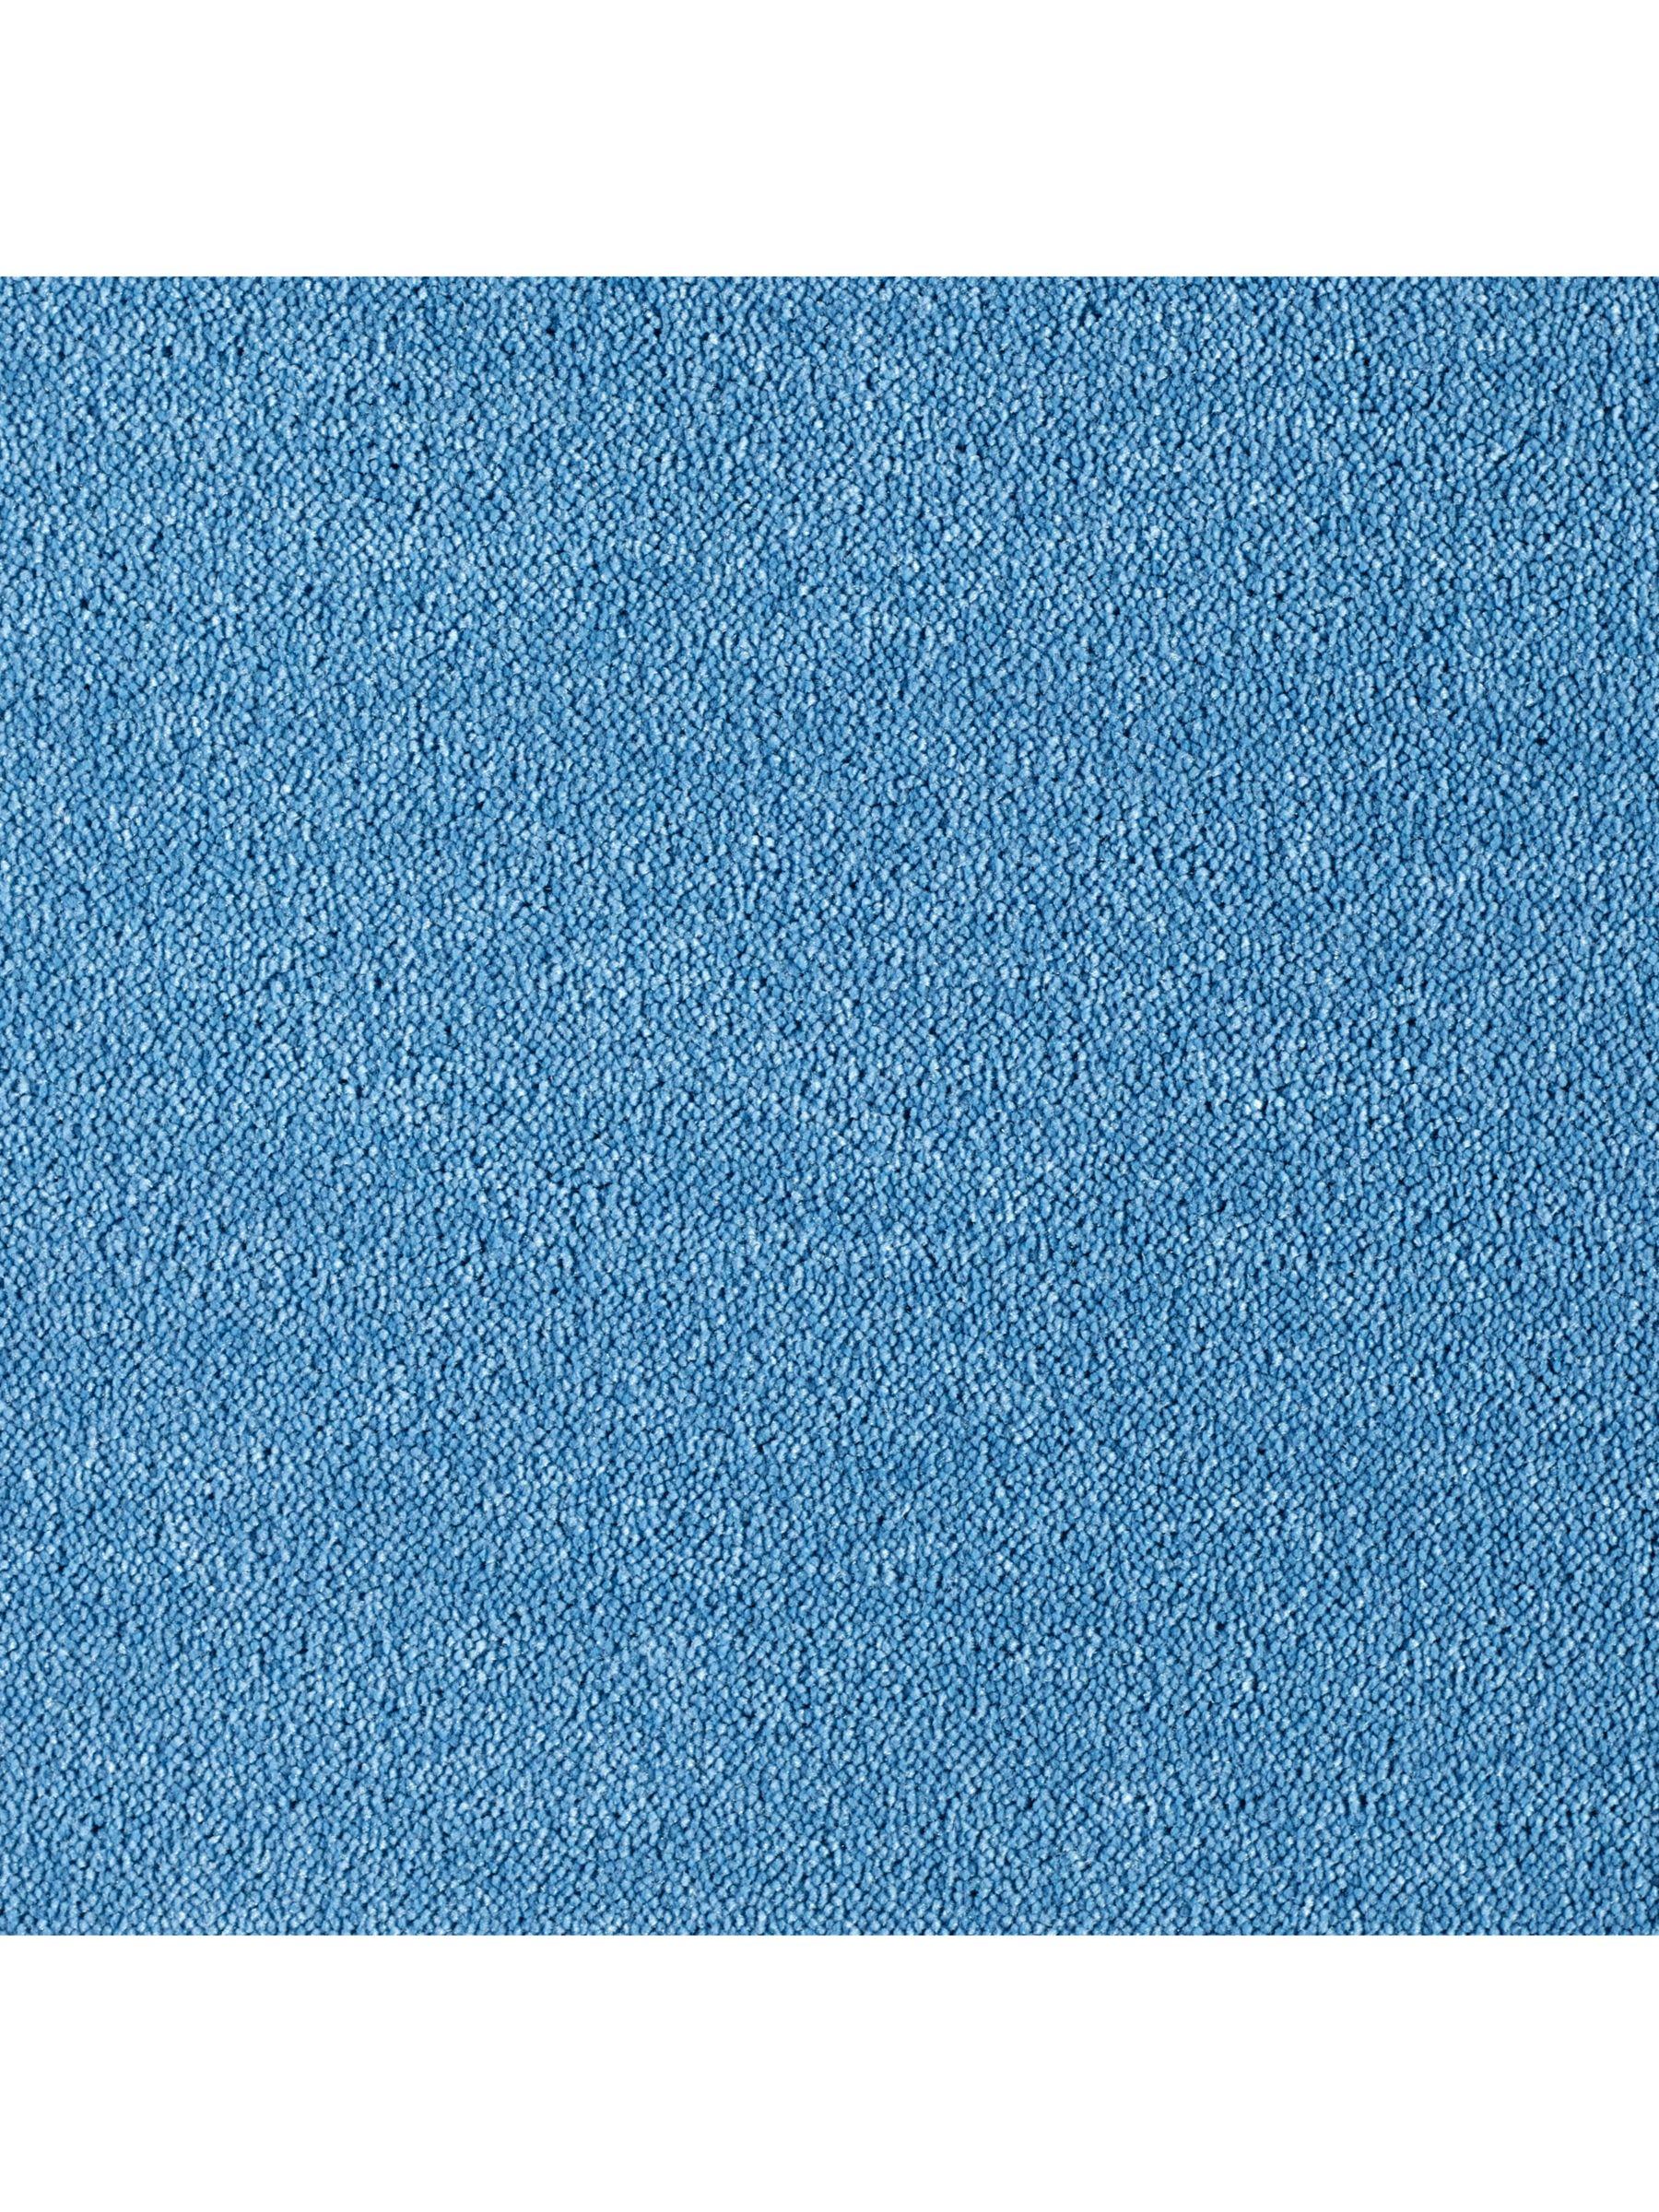 Mohawk Mohawk Comfort Velvet Carpet